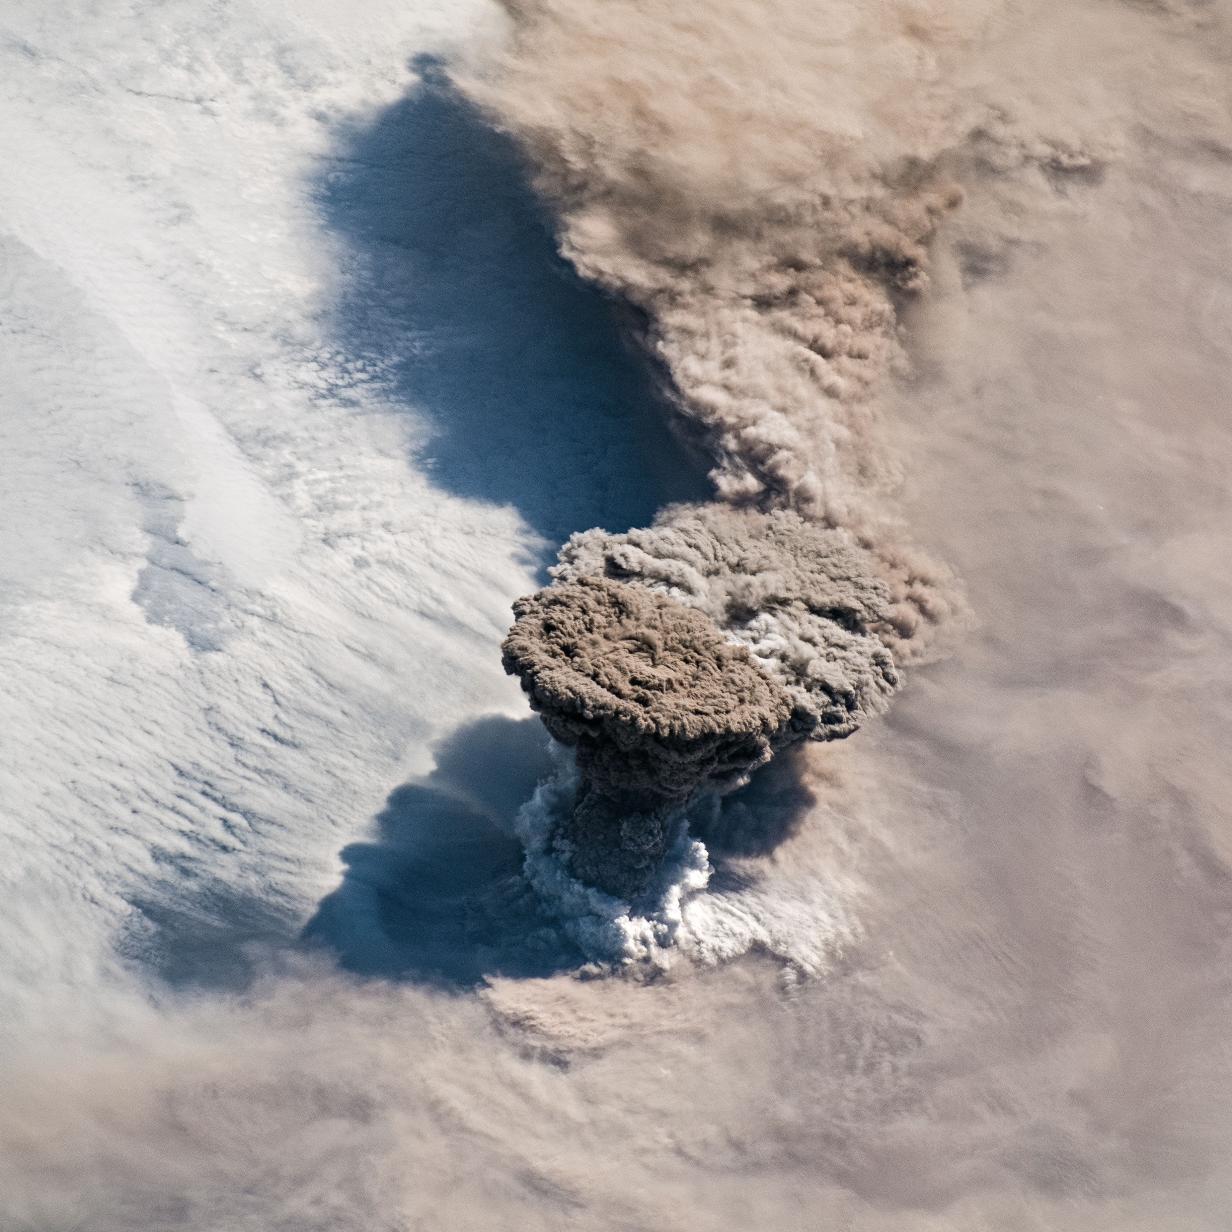 ISS-Astronauten fotografieren spektakulären Vulkanausbruch